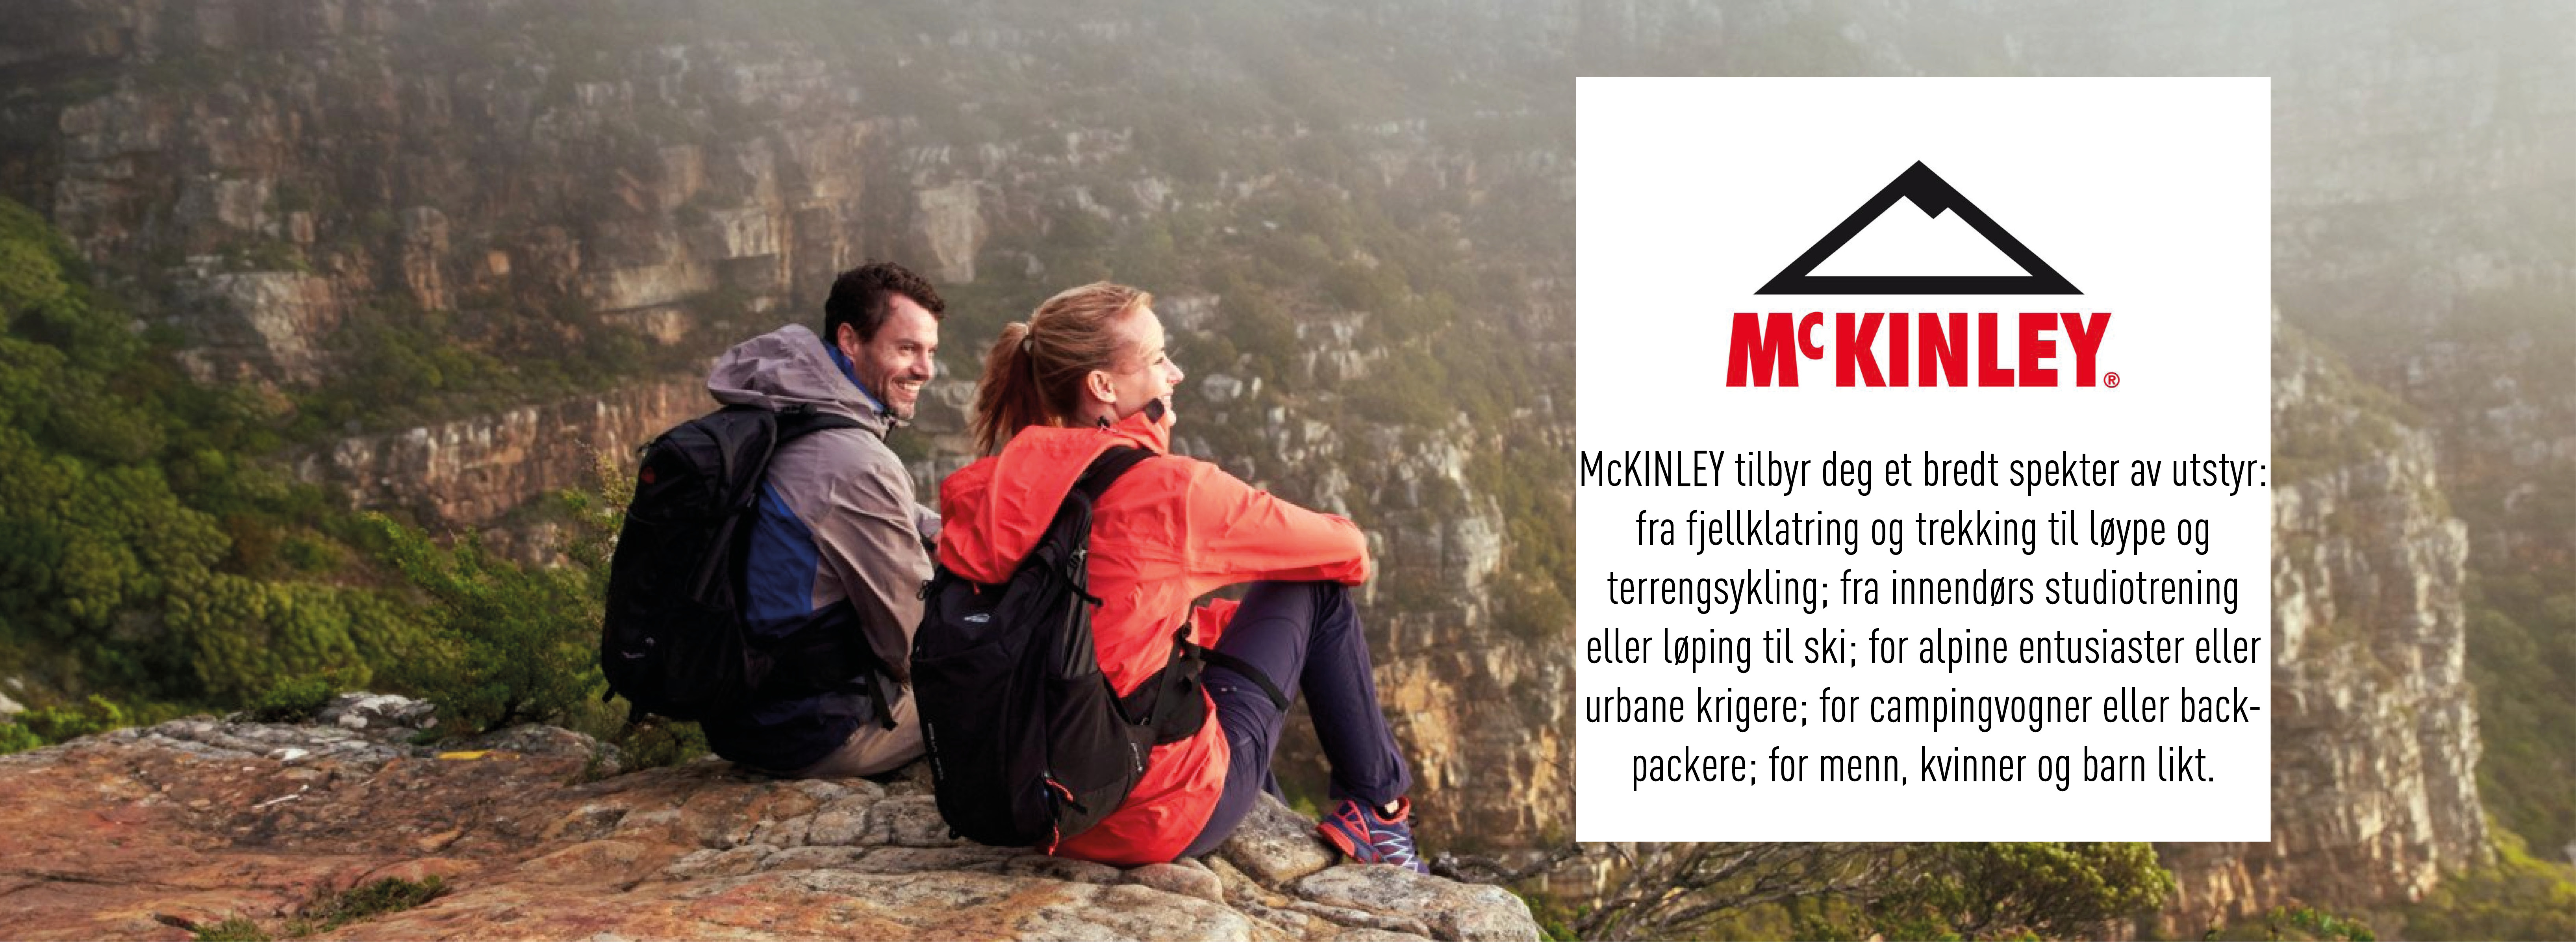 McKINLEY utendørsklær, utstyr og fjellklær www